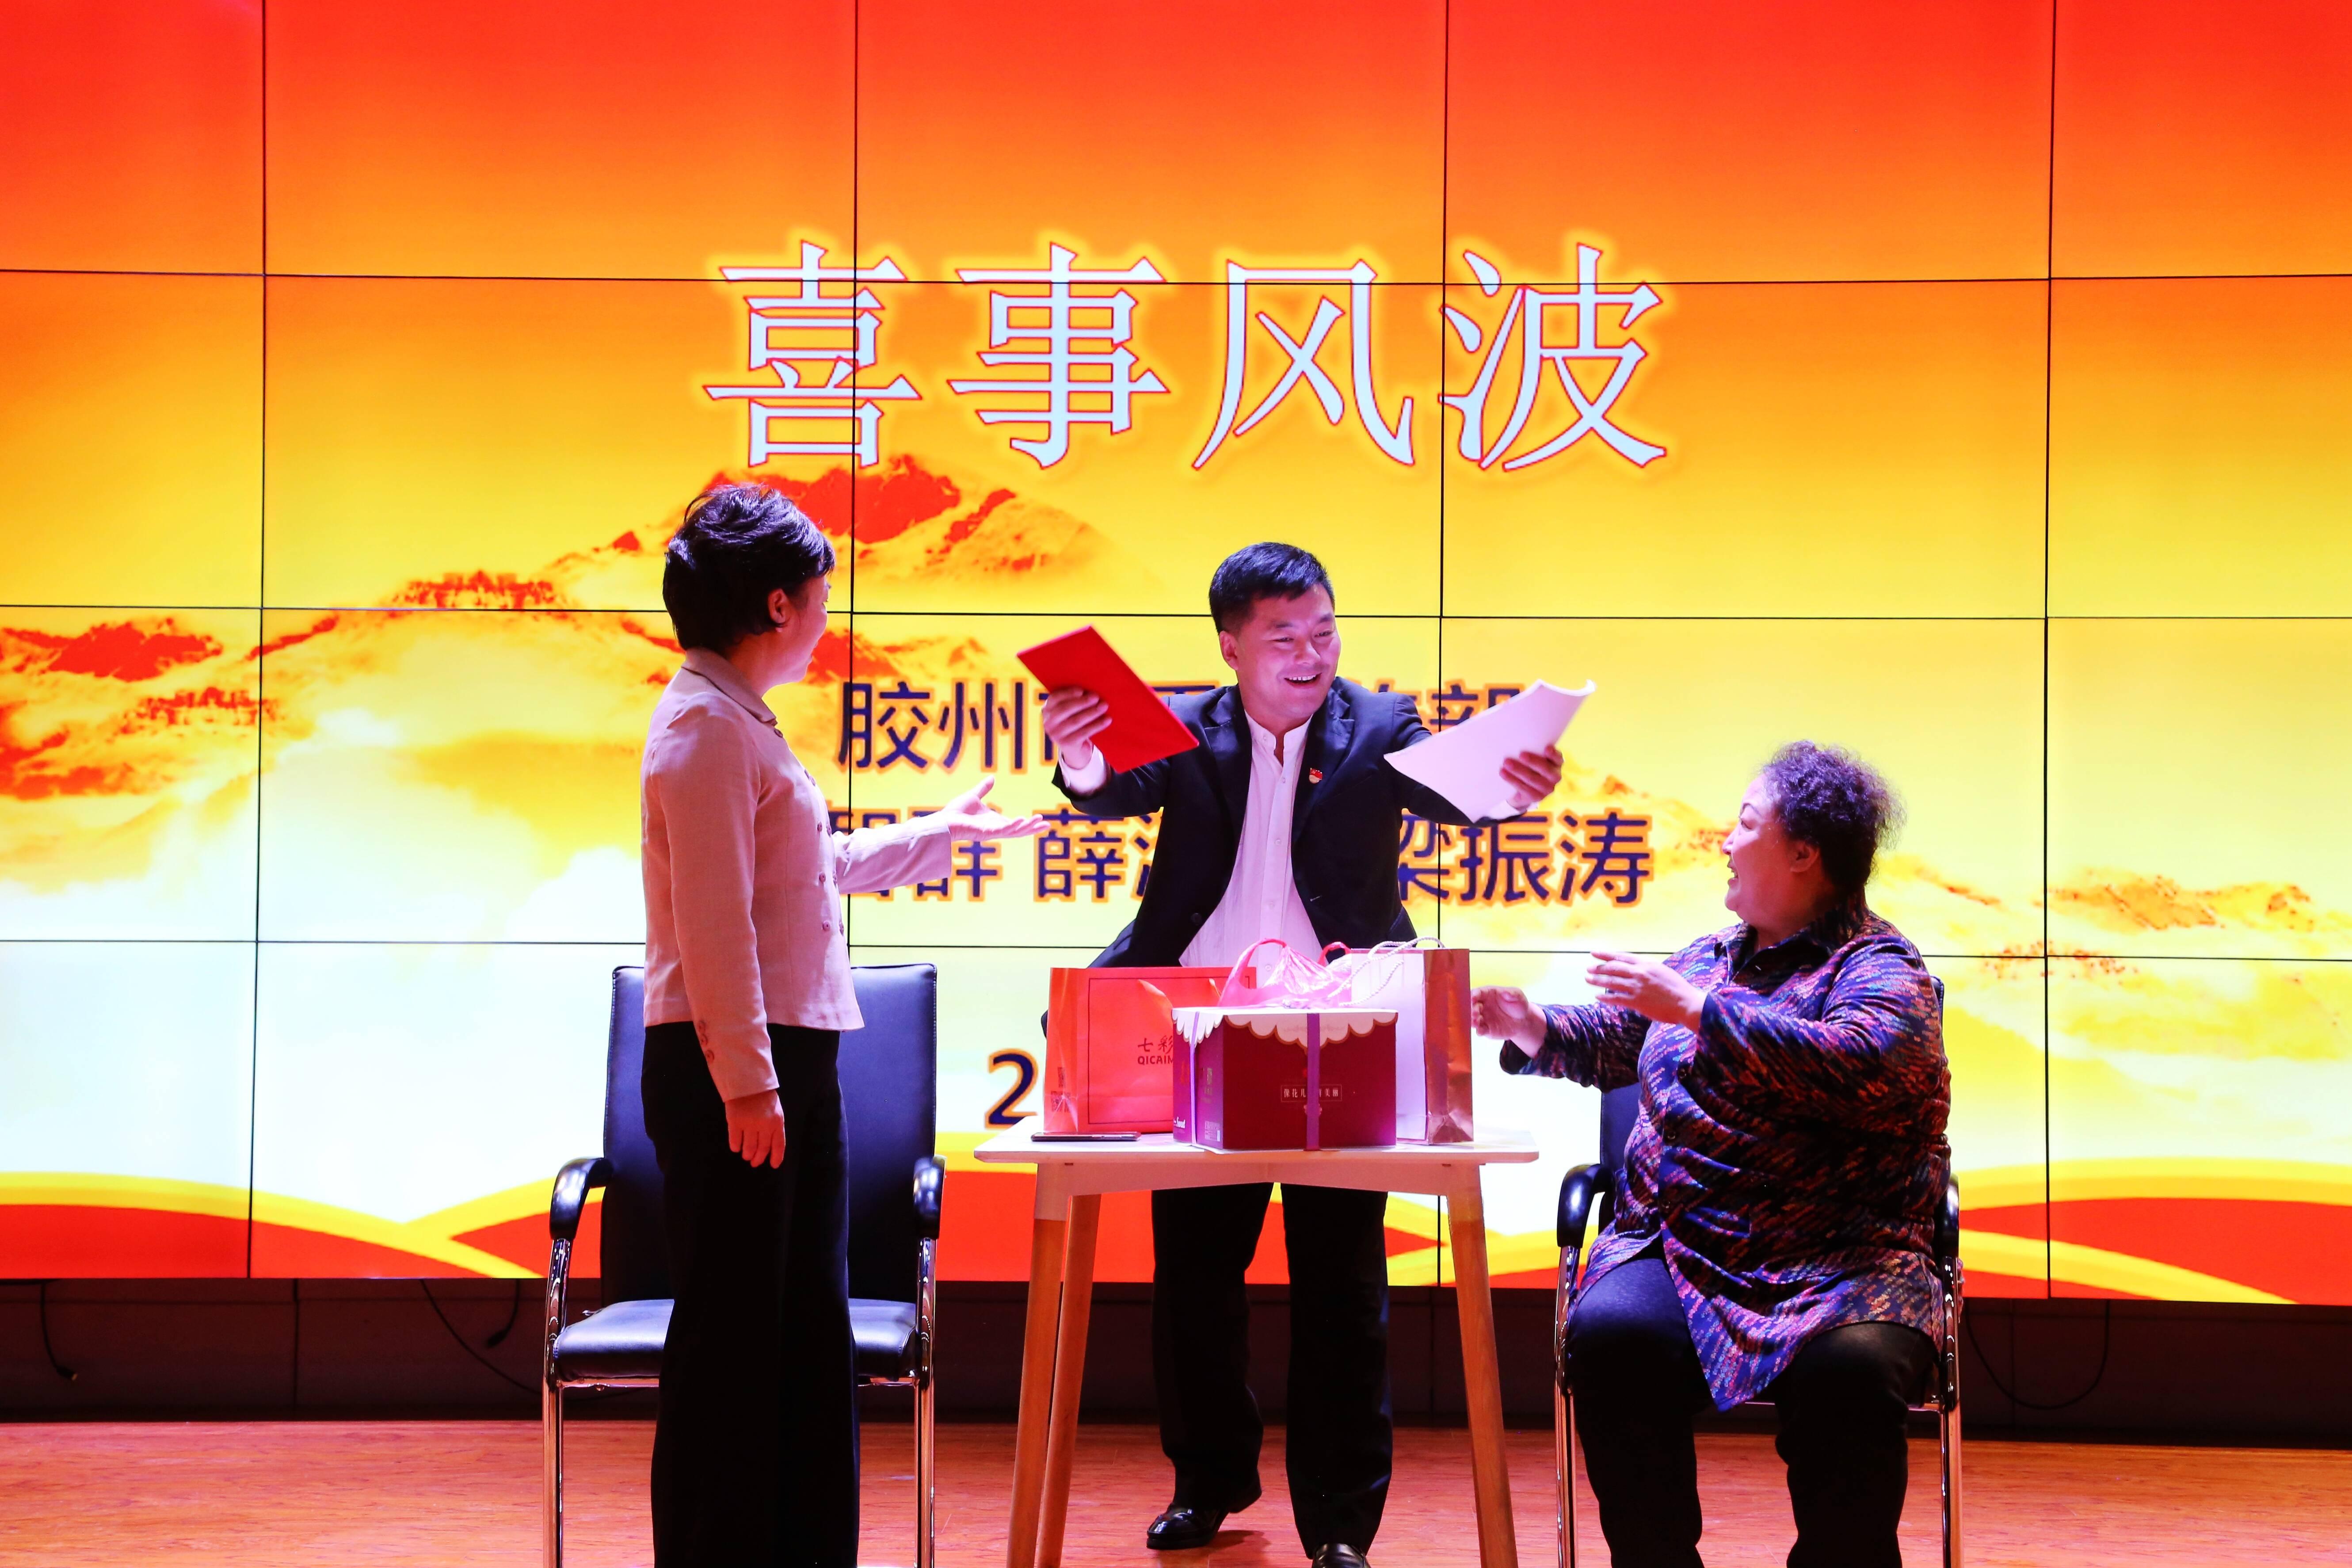 百姓宣讲团带来小品《喜事风波》。记者 李涛 报道